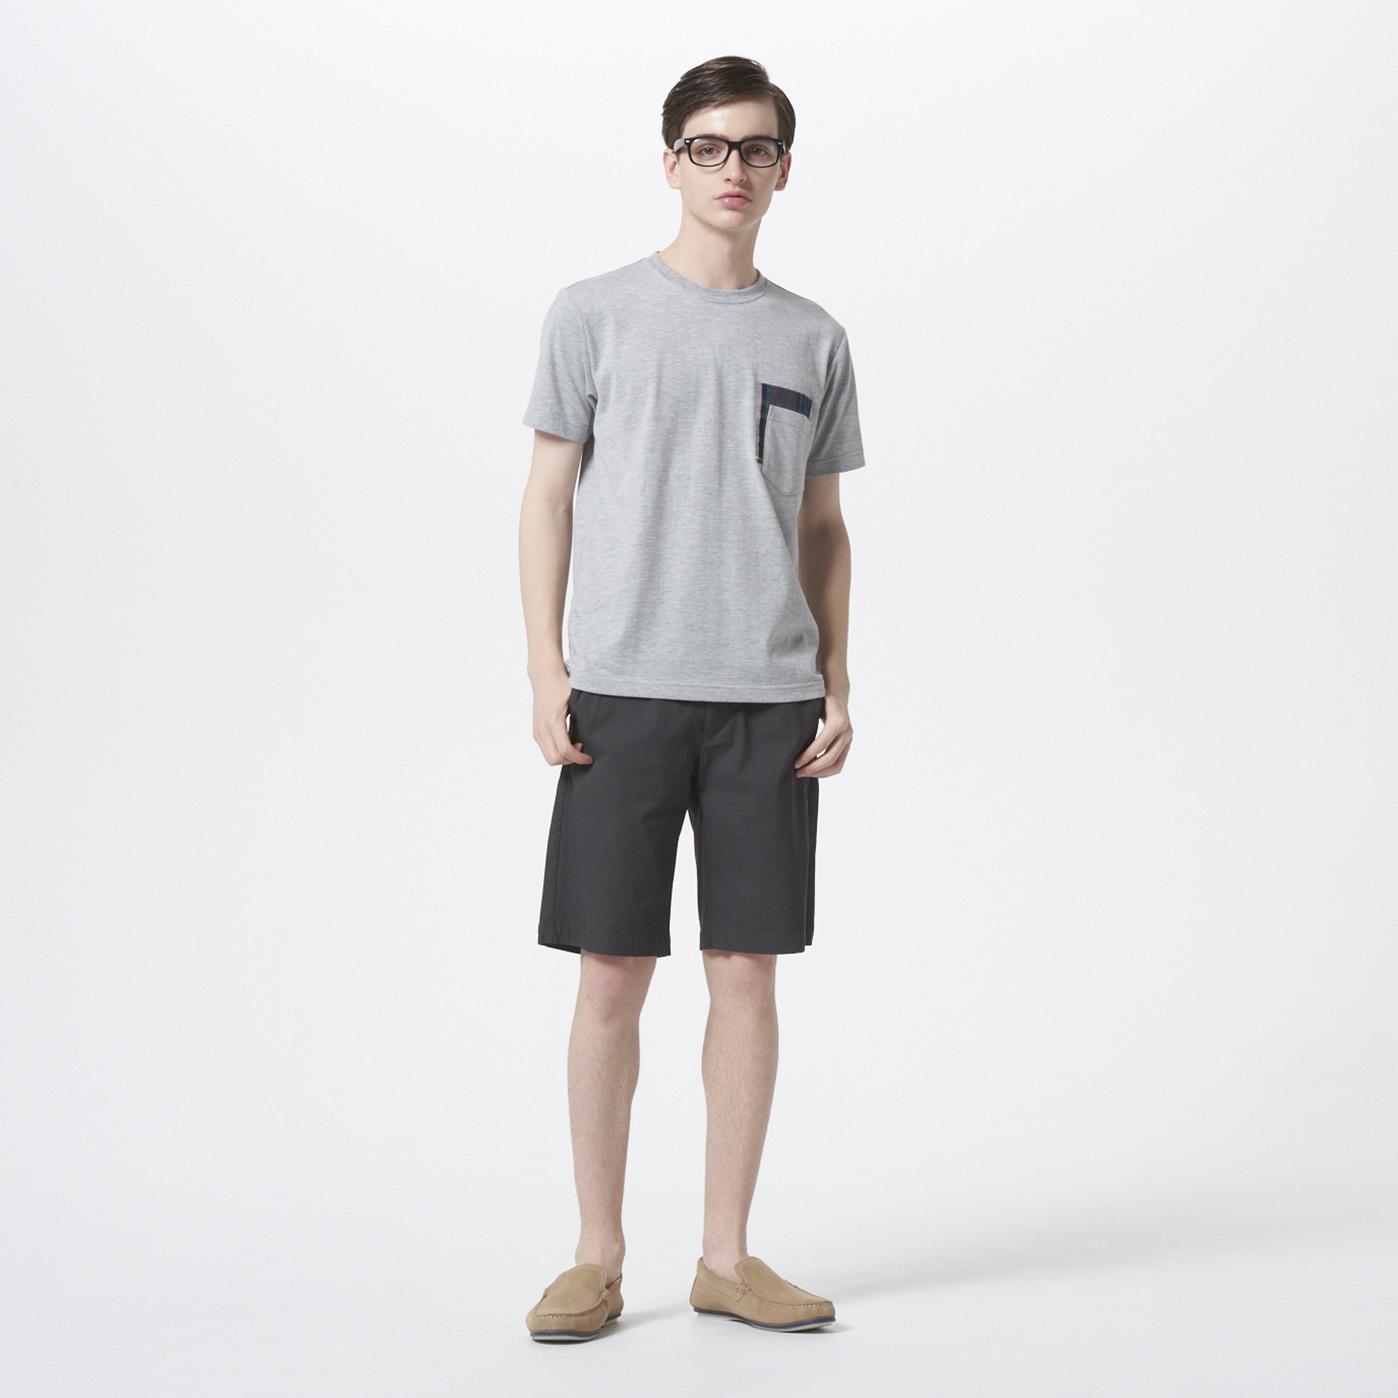 【Golden Bear Mens】<br/>切替ポケットTシャツのコーデ